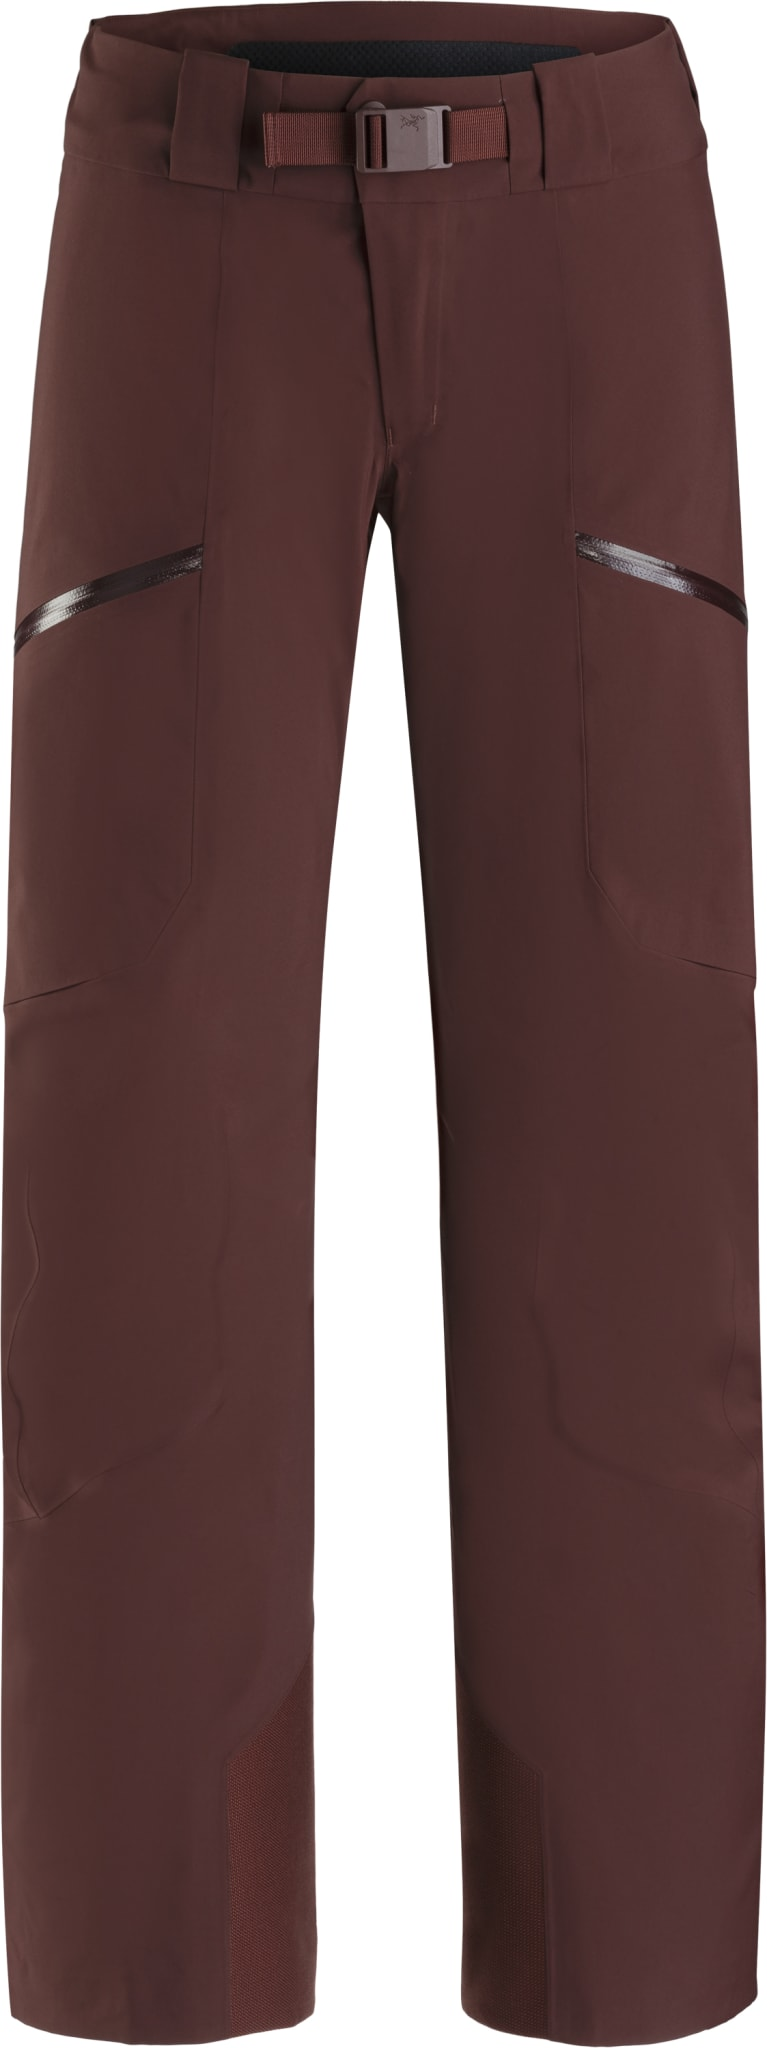 Klær bukser skall | Anton Sport